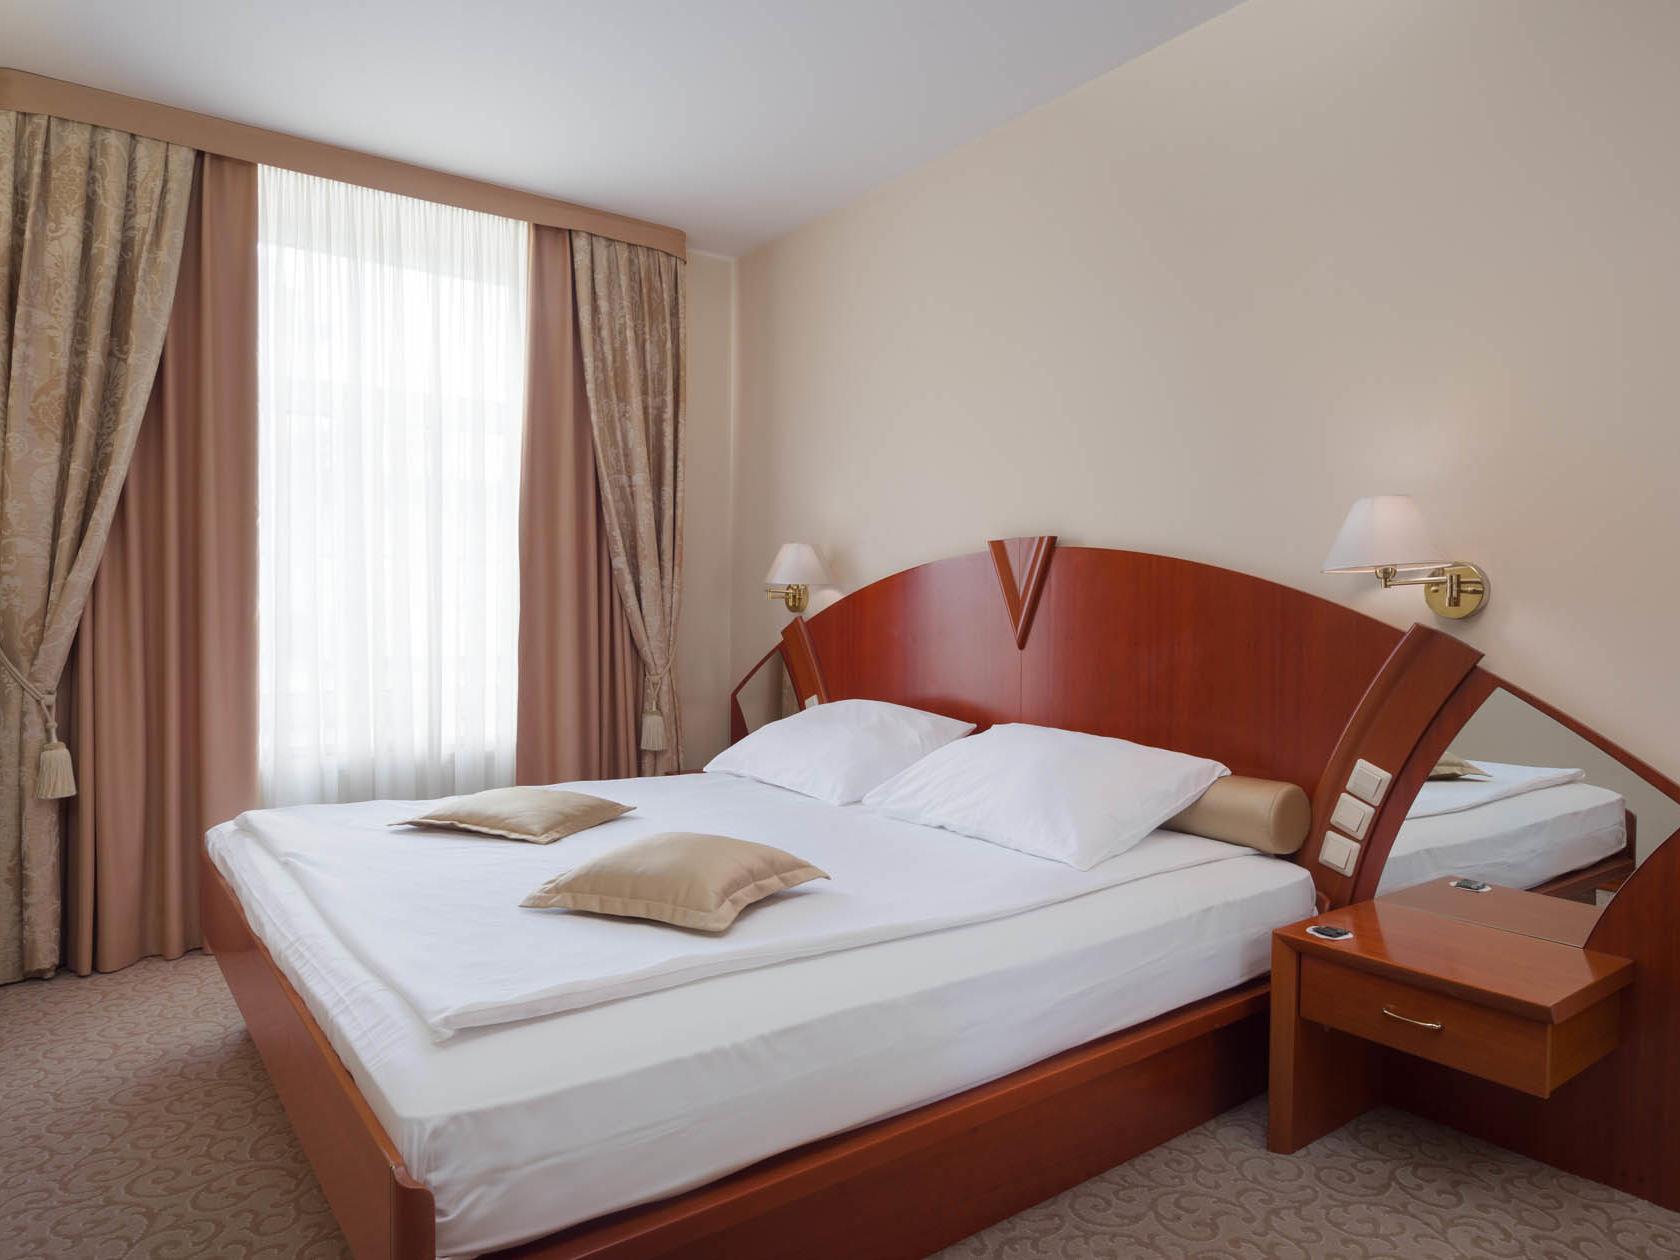 Studio Apartment at Grand Hotel Union in Ljubljana